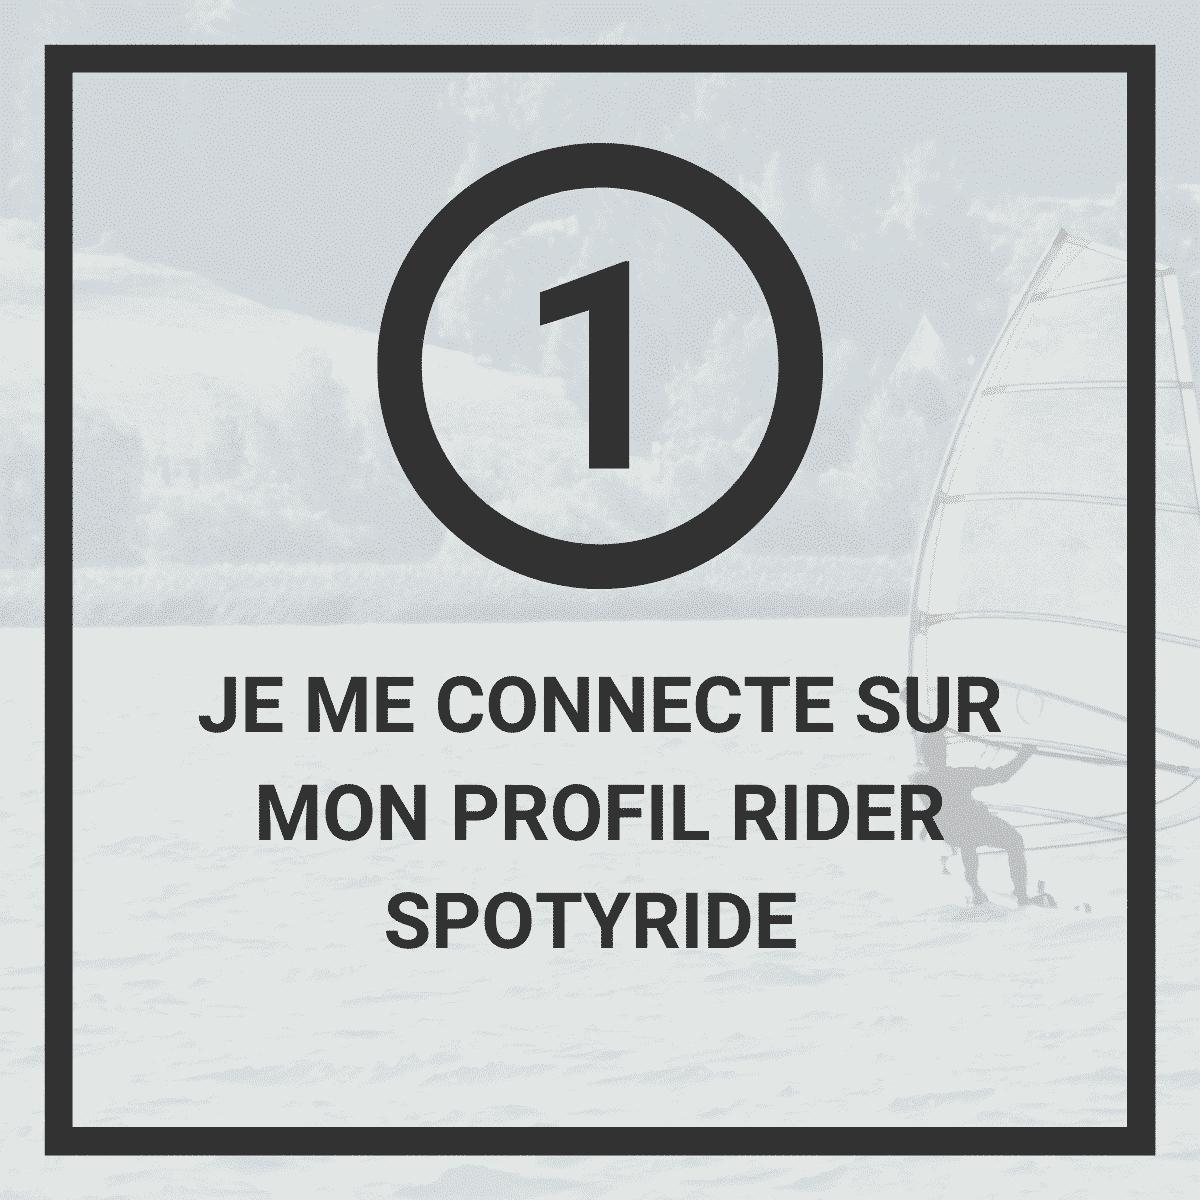 spotyride-spoty